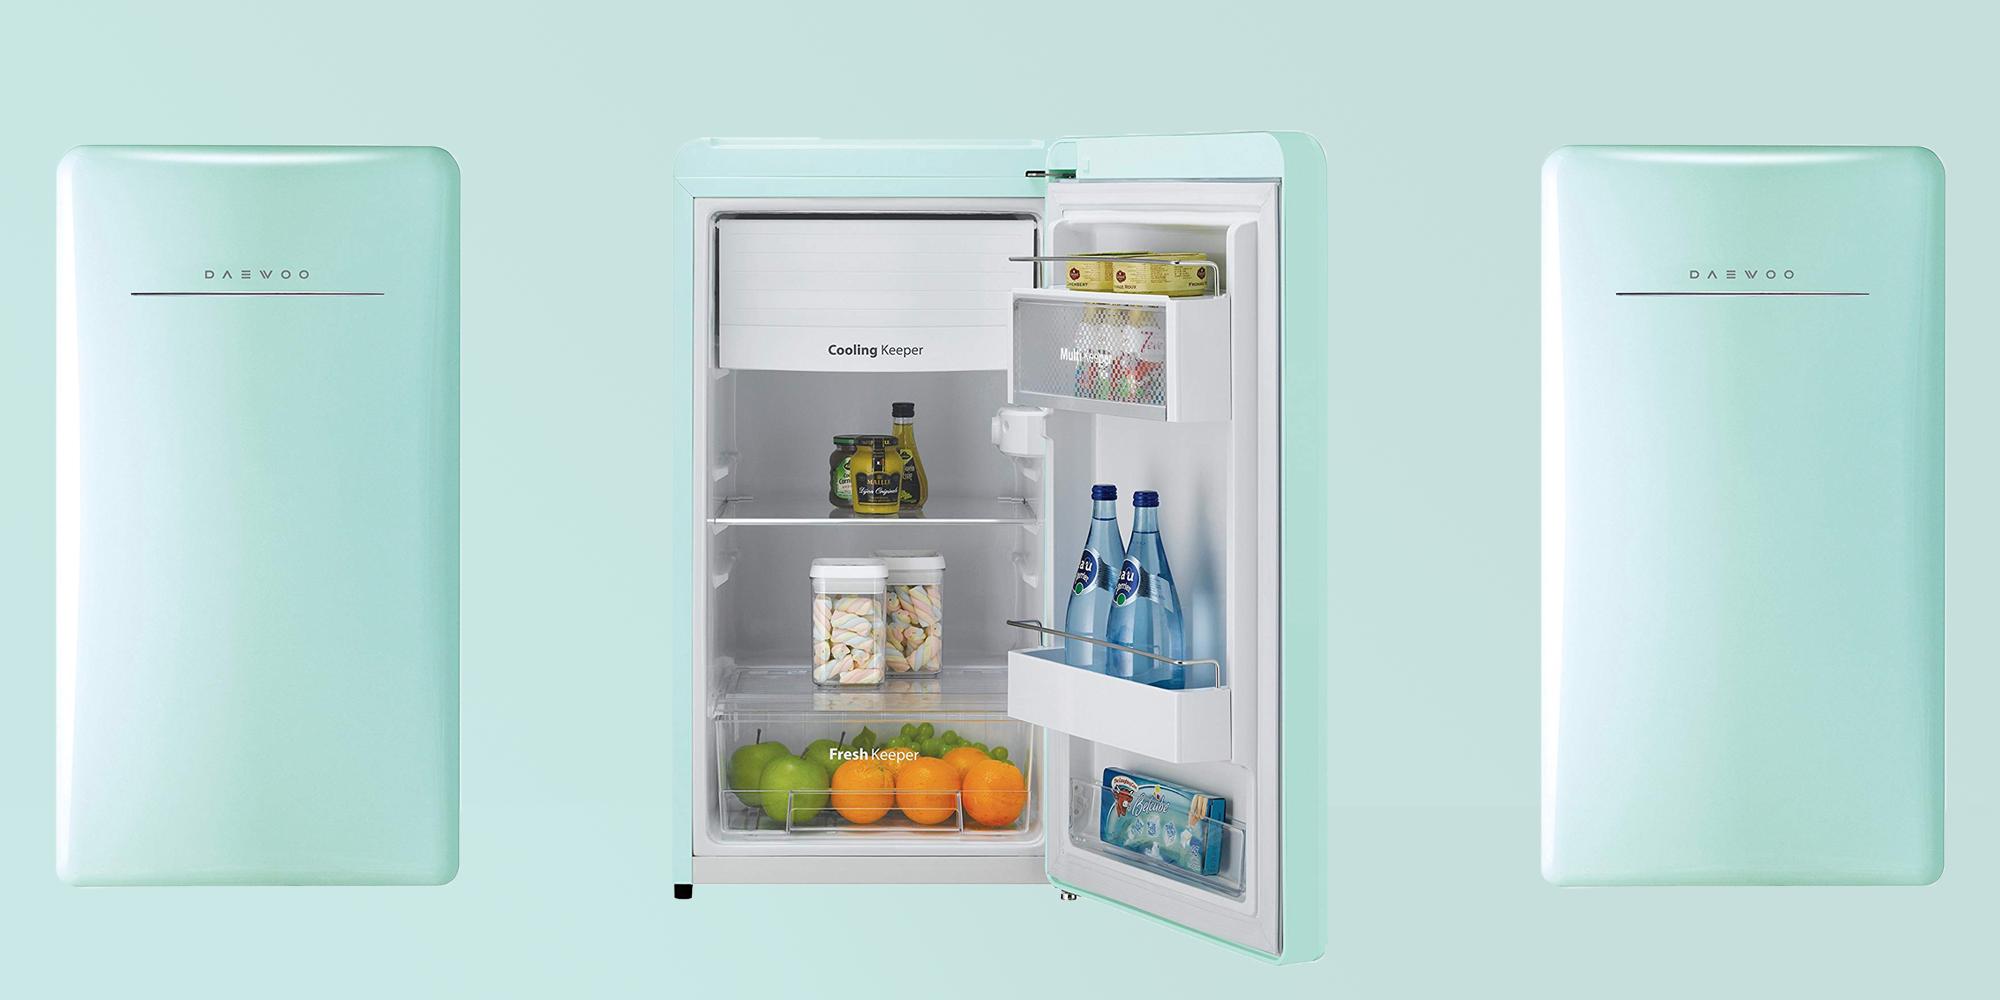 7 Best Mini Dorm Fridges - The Top Dorm Room Refrigerators ...